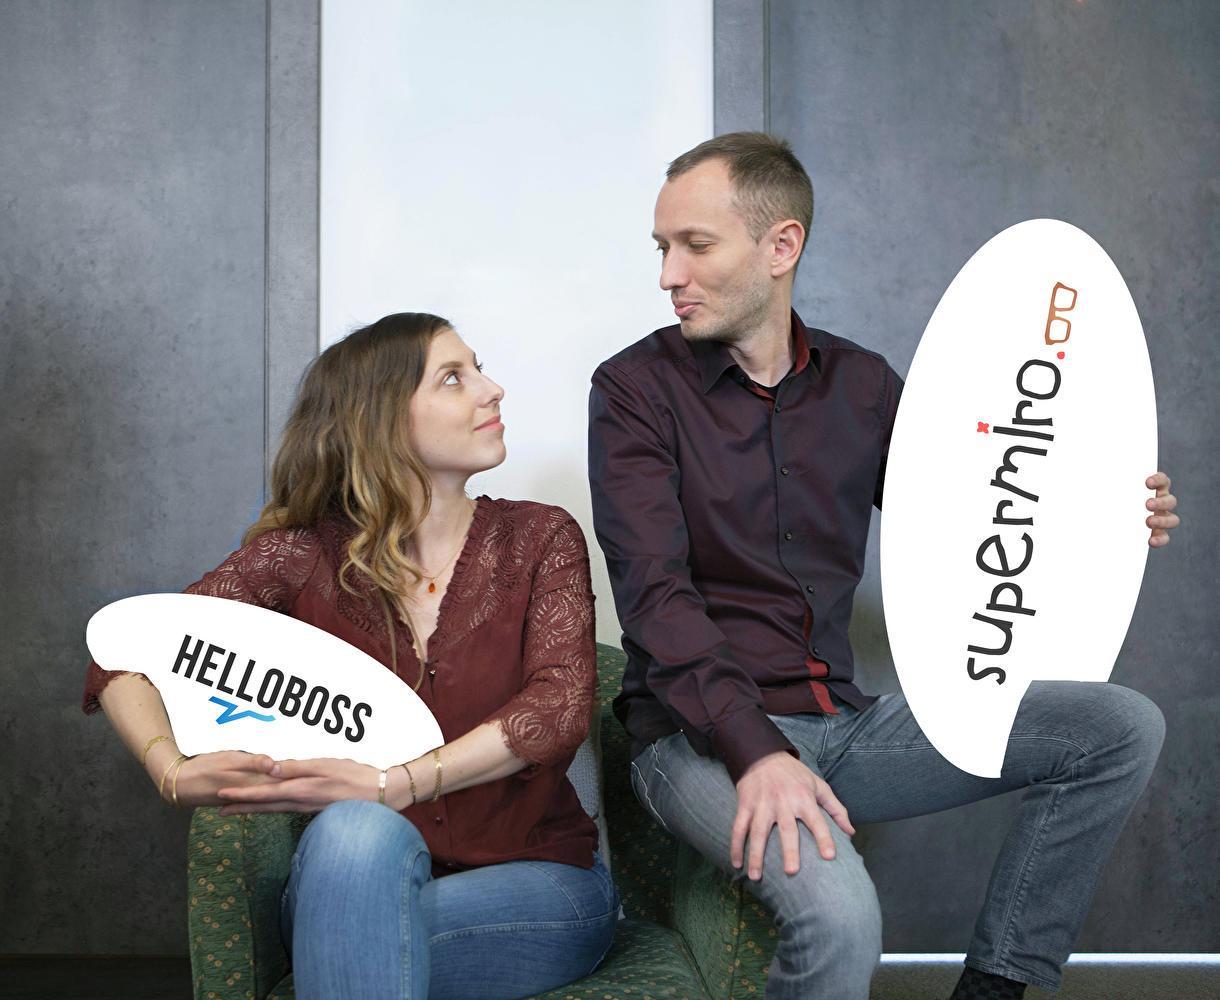 Et un beau jour, Helloboss est né...